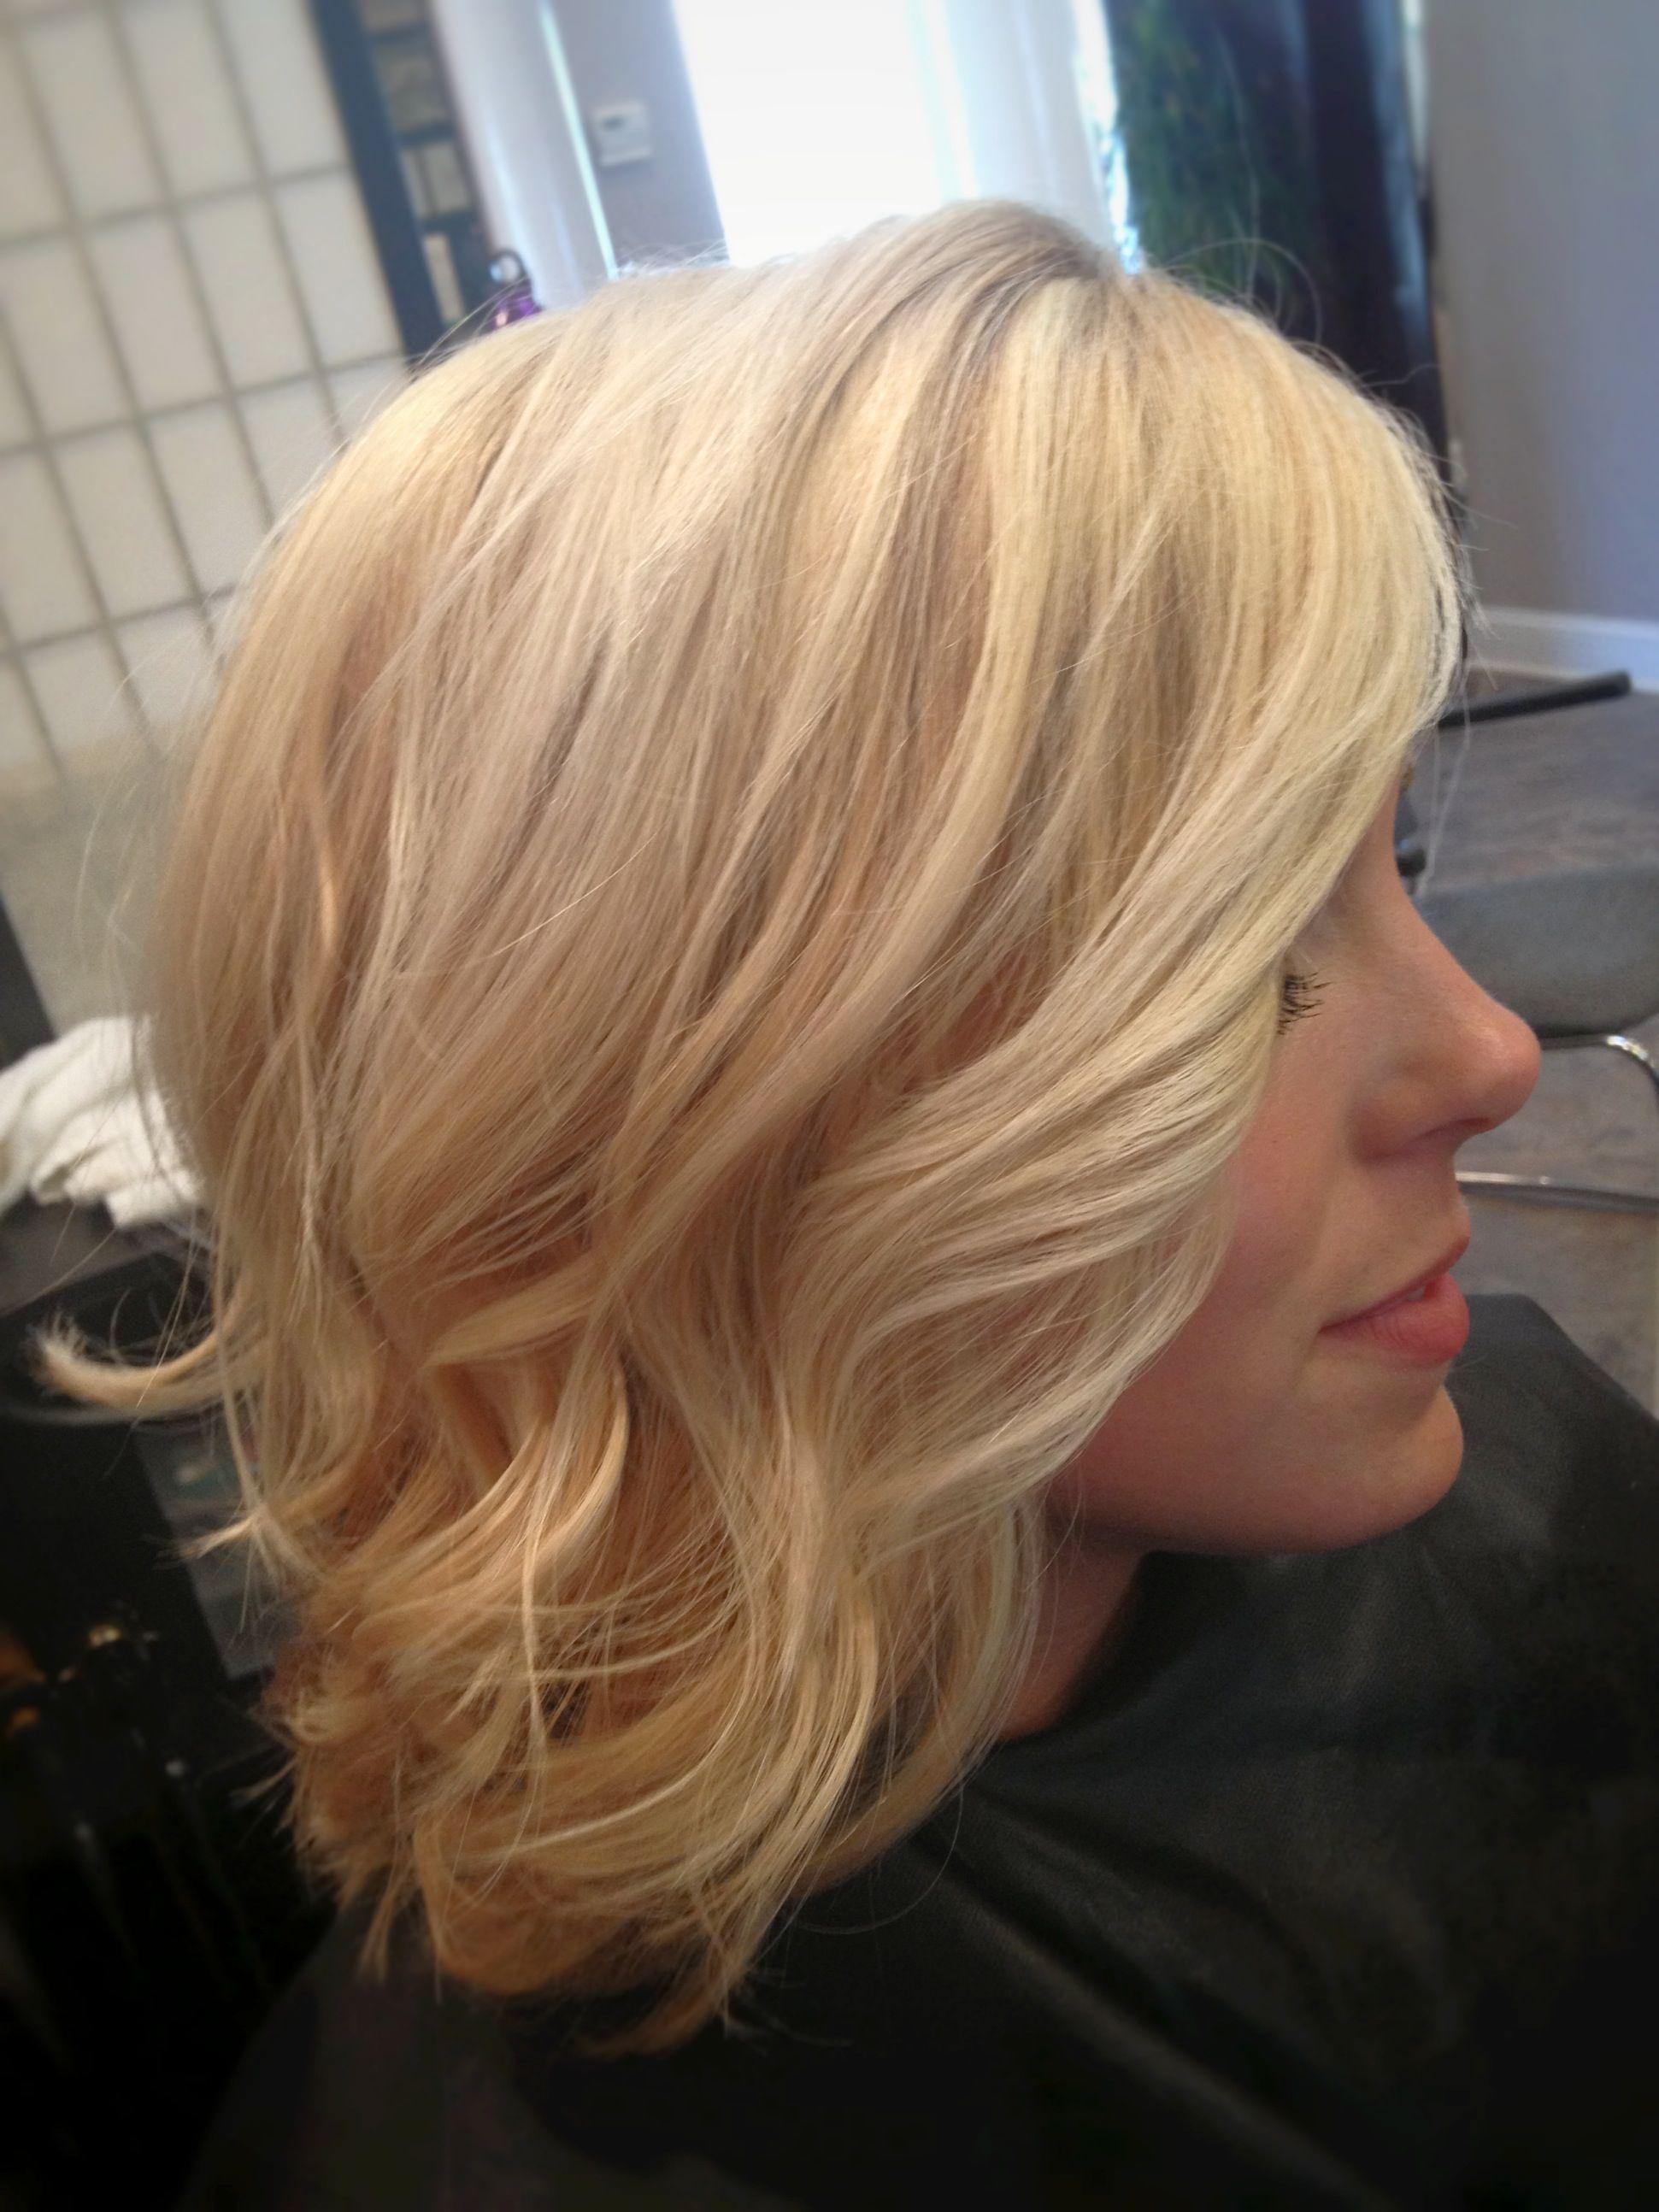 Soft blonde light but not platinum